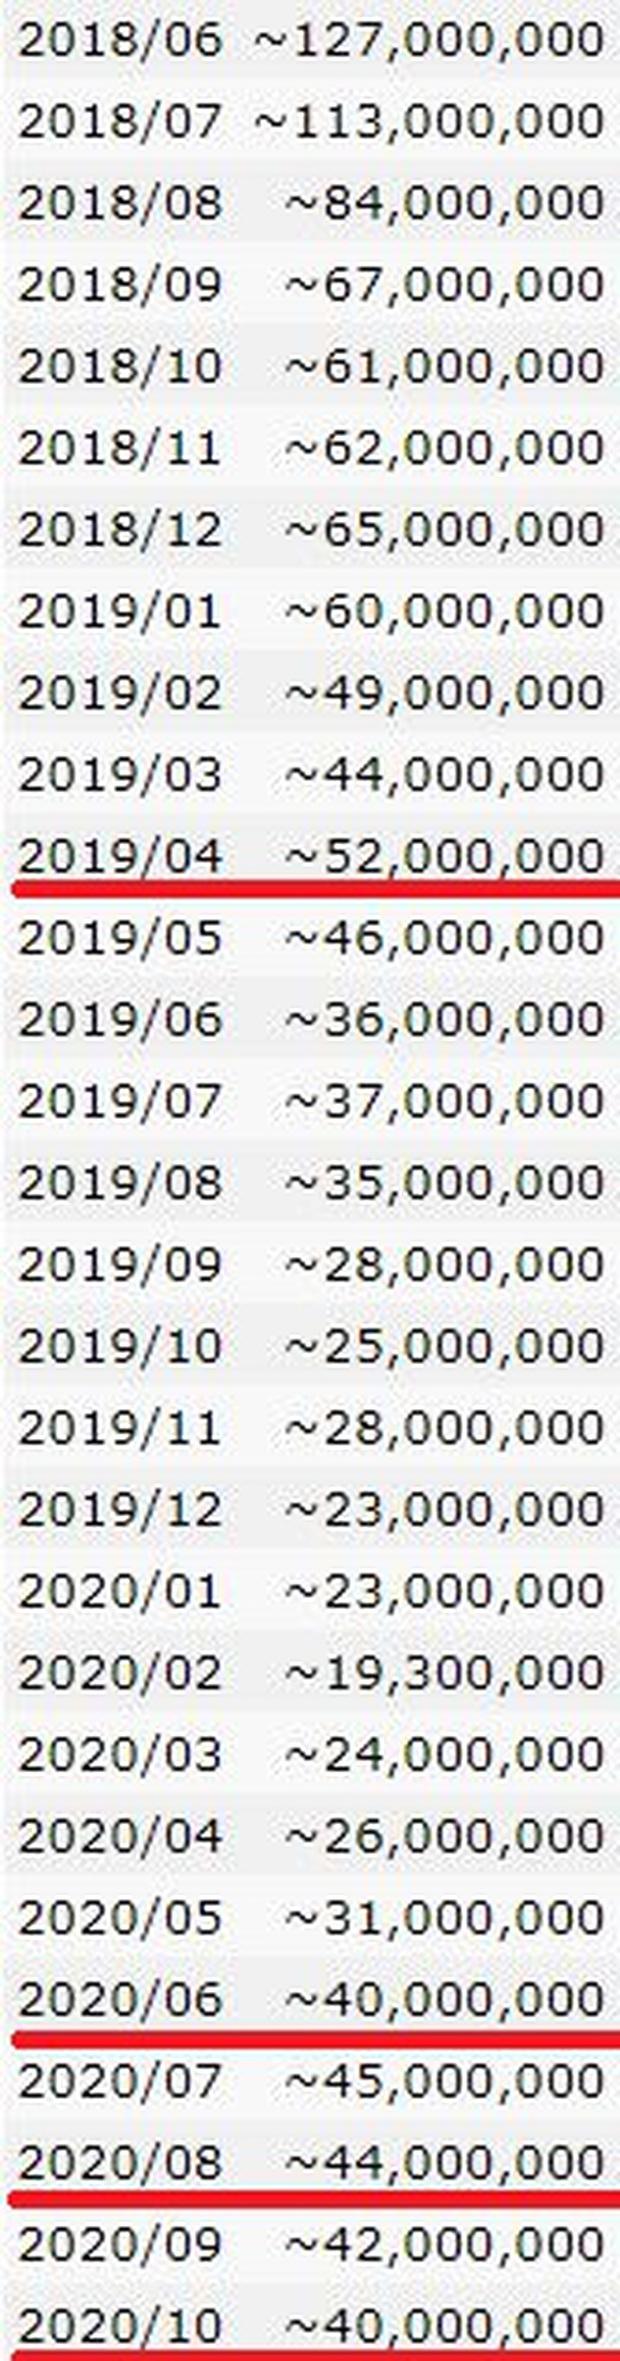 Gần kỉ niệm 3 năm, siêu hit của BLACKPINK đạt cột mốc khủng nhưng liệu có đạt 2 tỉ view vào sinh nhật lần 4? - Ảnh 4.